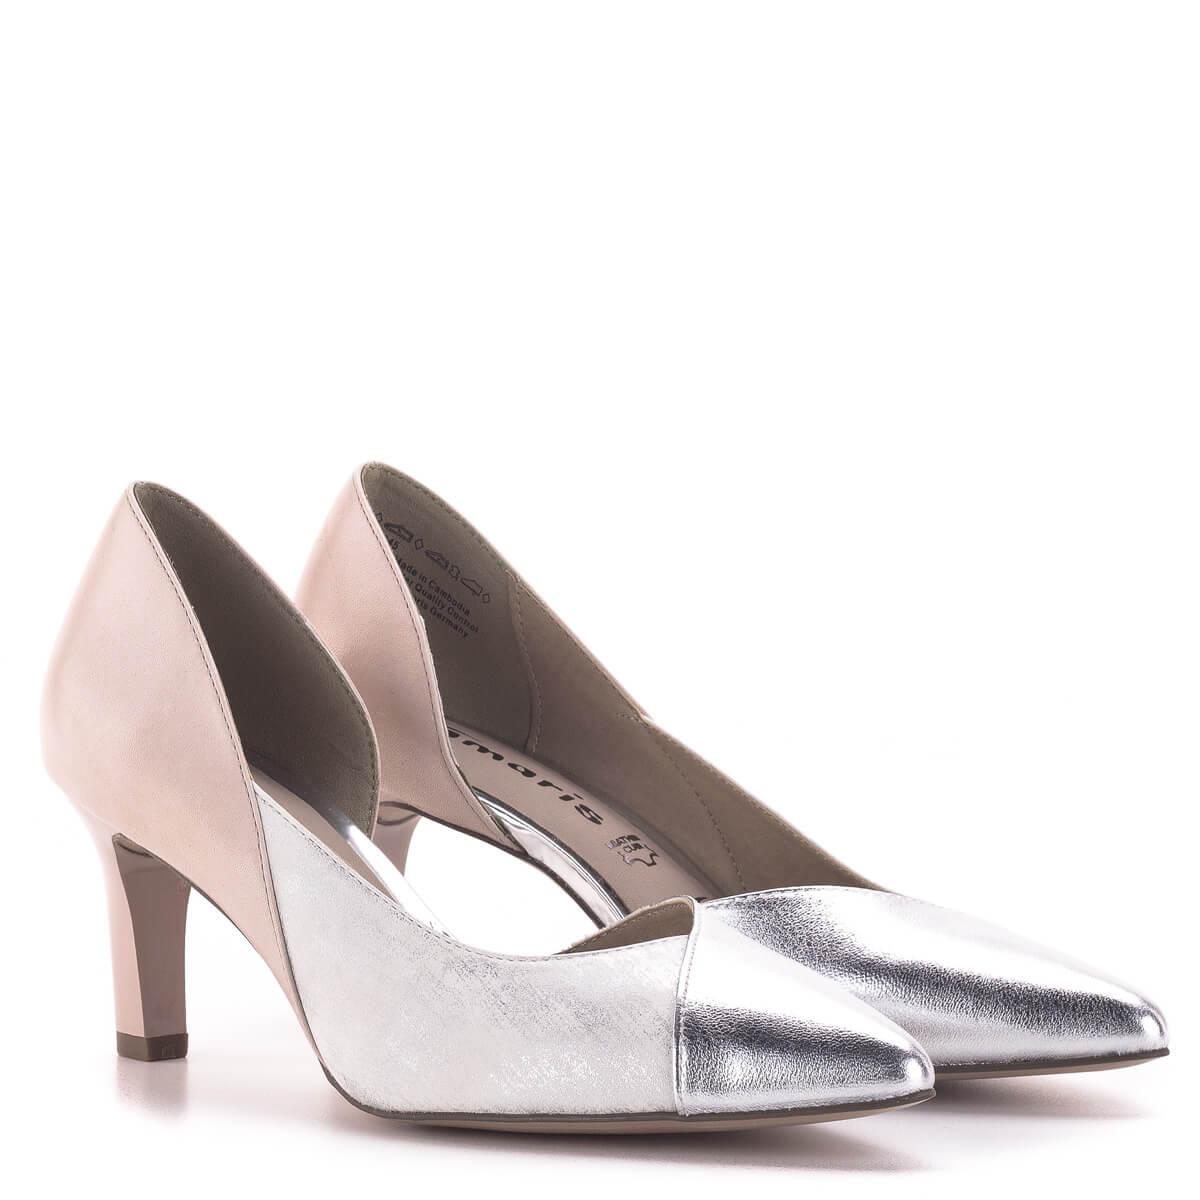 Női cipő - Tamaris 1-22442-24 645